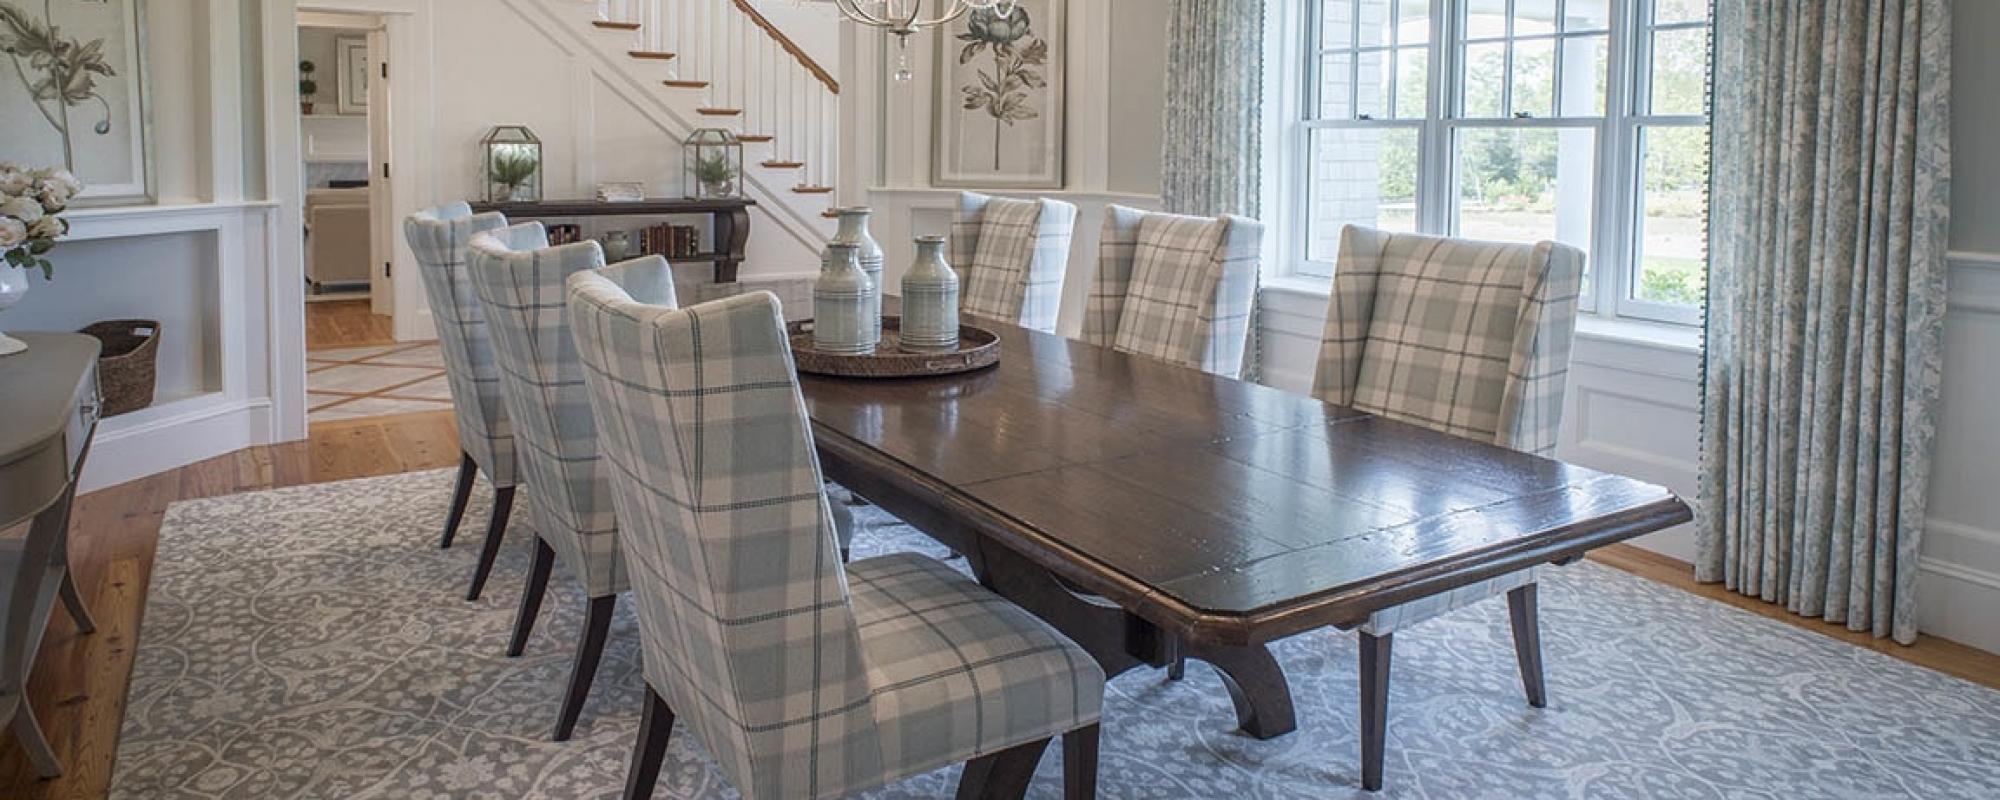 dining_room_formal_3